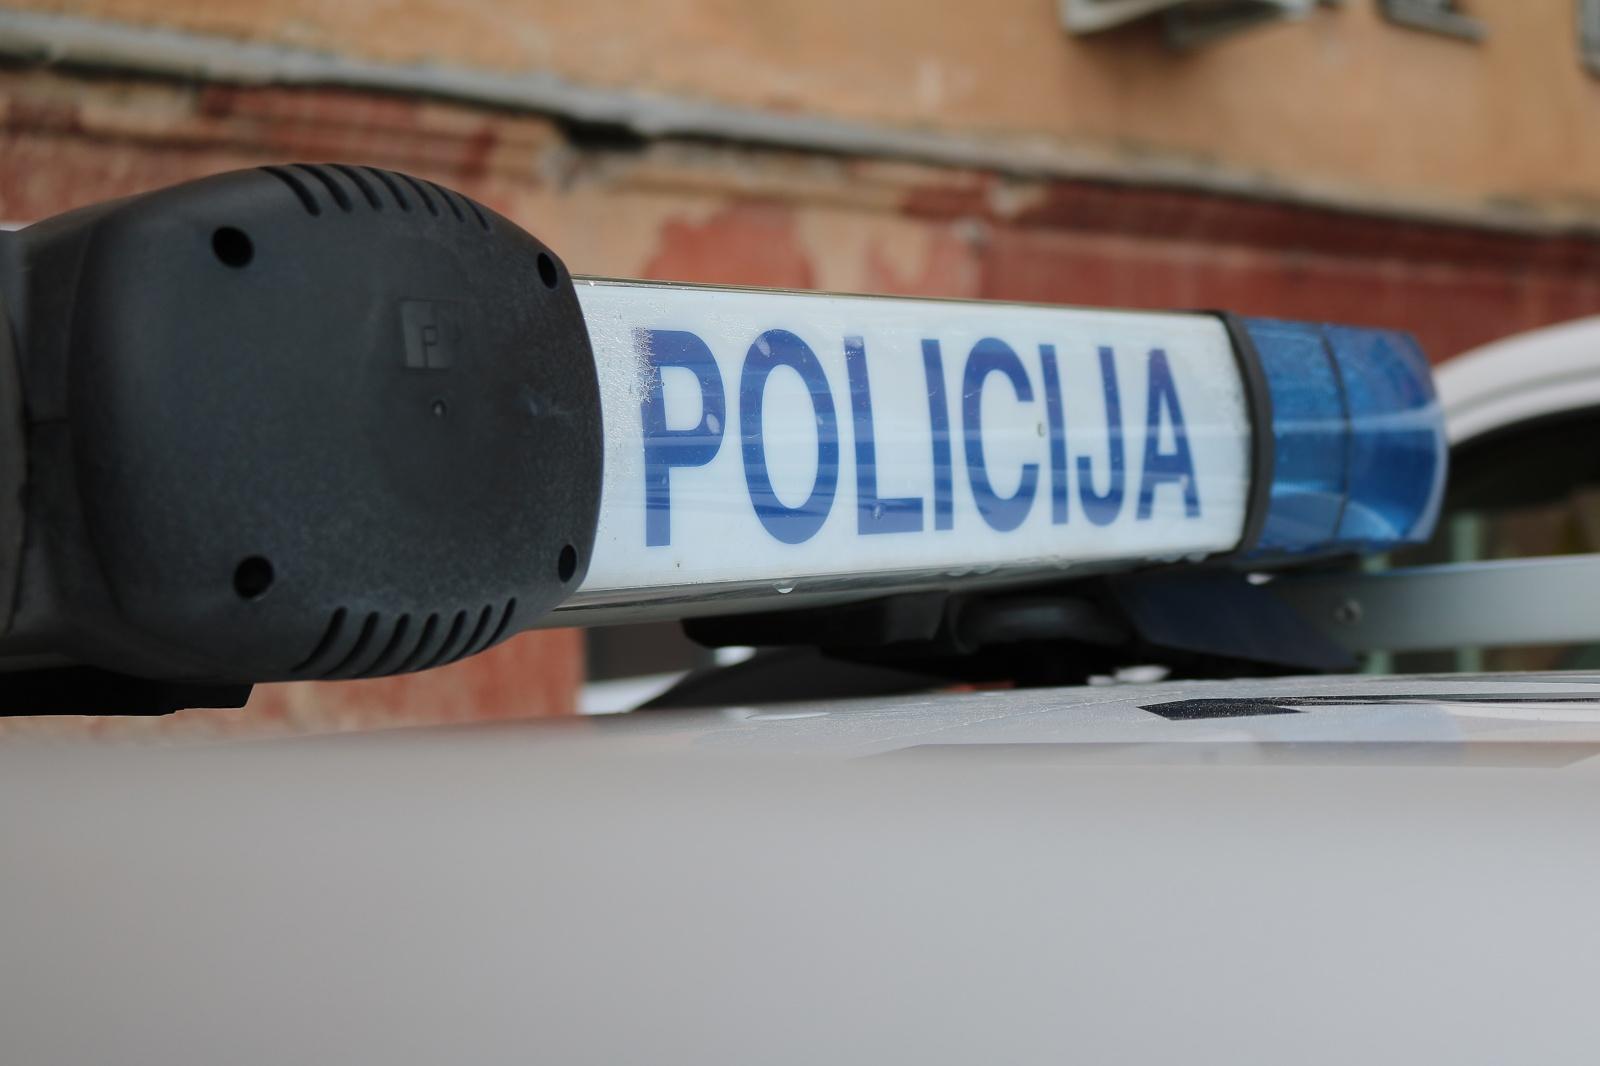 Savaitgalį Vilniuje siautėjo vagys: pagrobta pinigų ir daiktų už beveik 184 tūkst. eurų